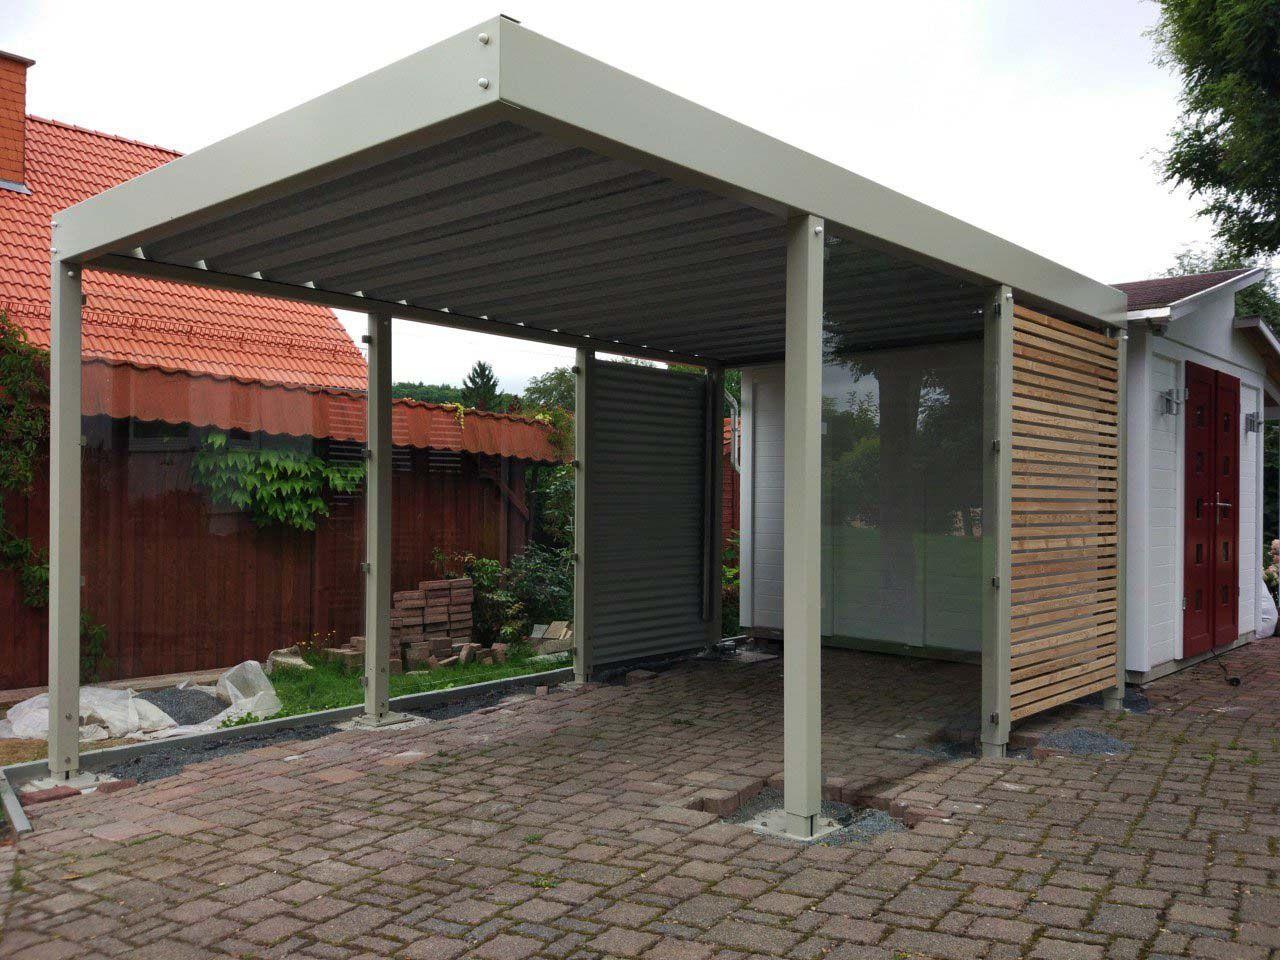 design metall carport aus holz glas stahl aachen deutschland, Moderne